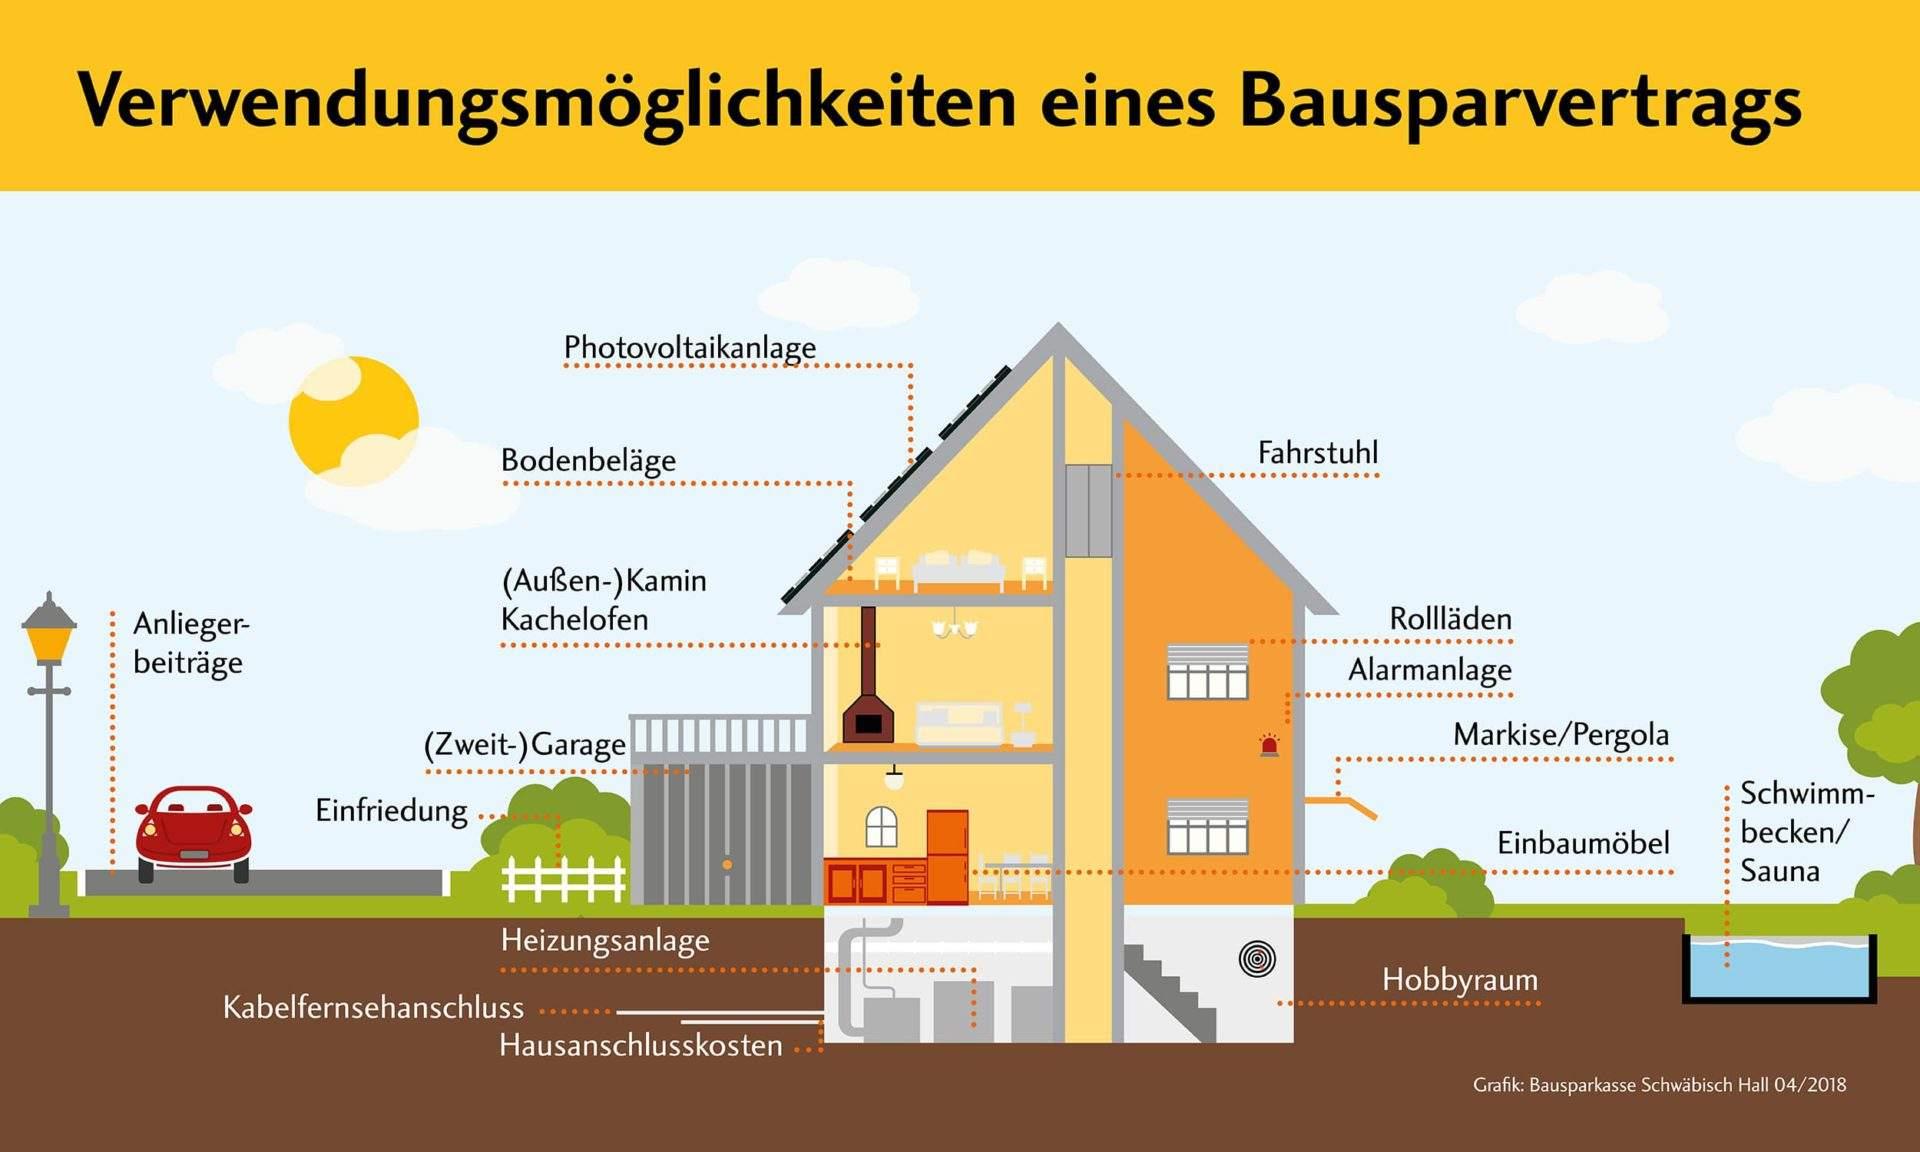 Bausparvertrag Verwendungsmöglichkeiten min - Bausparvertrag - Der klassische Weg ins Eigenheim